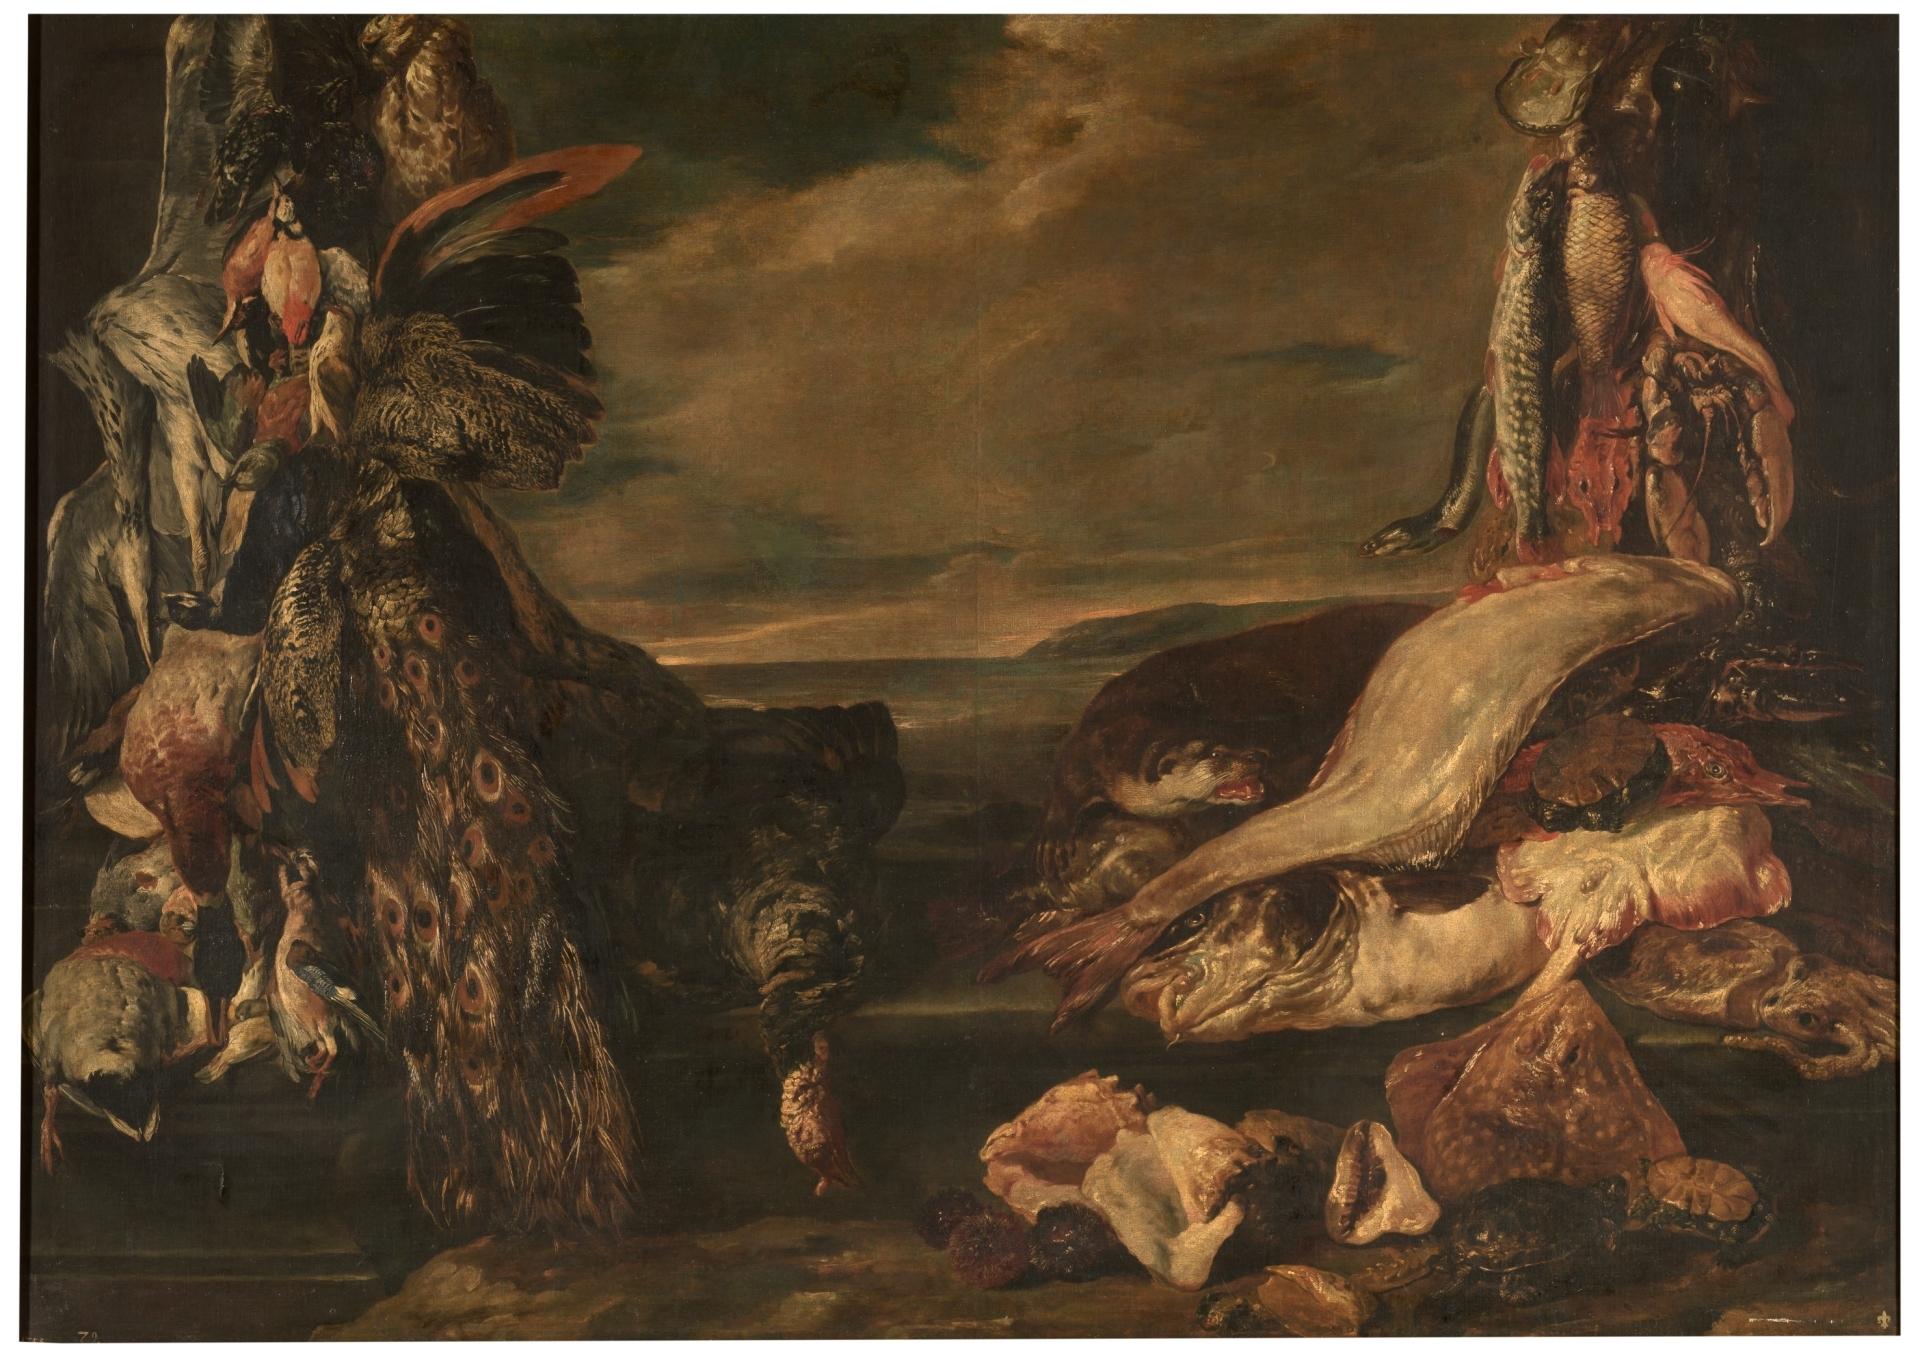 Caza y perros - Colección - Museo Nacional del Prado